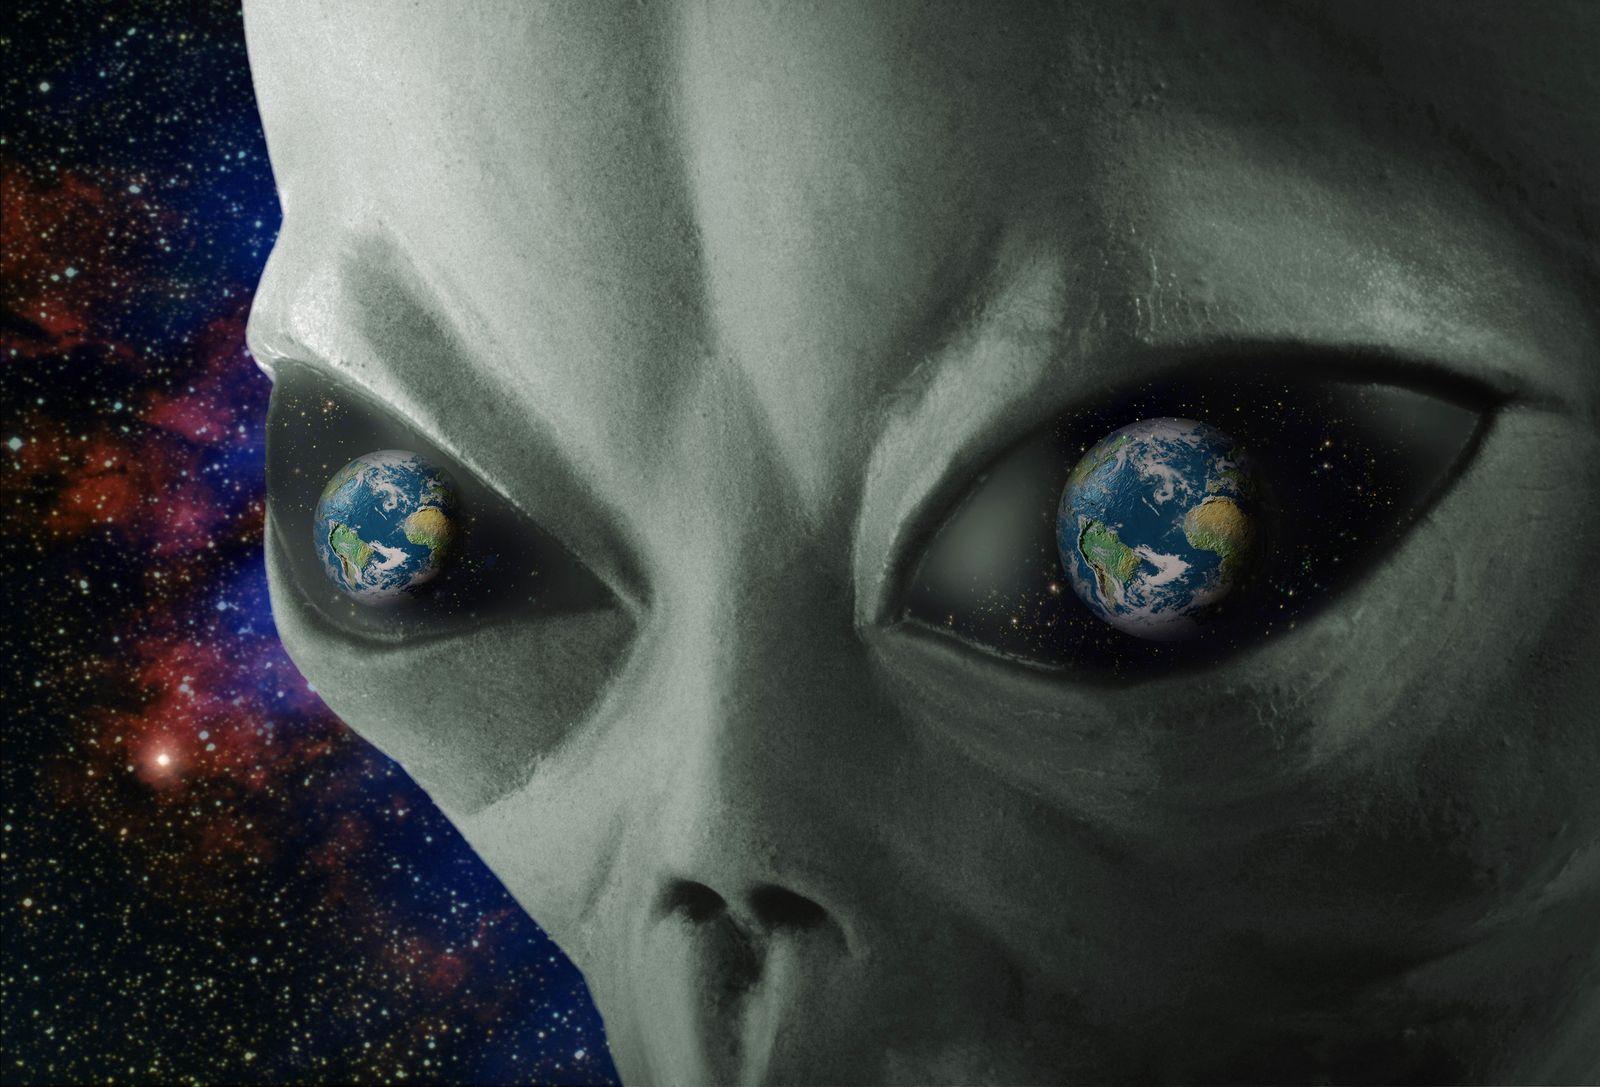 NICHT MEHR VERWENDEN! - Alien / Erde / Ausserirdischer